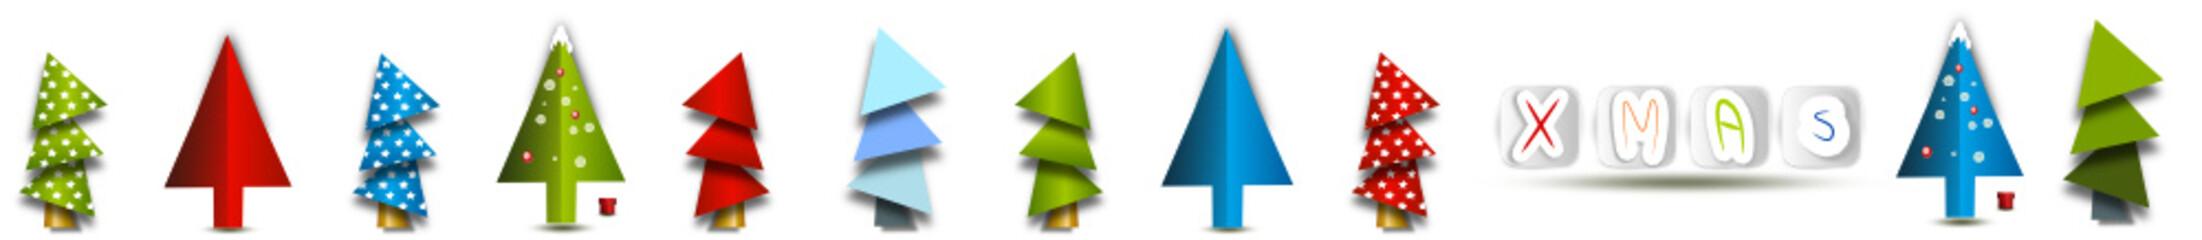 weihnachtsbaum banner xmas